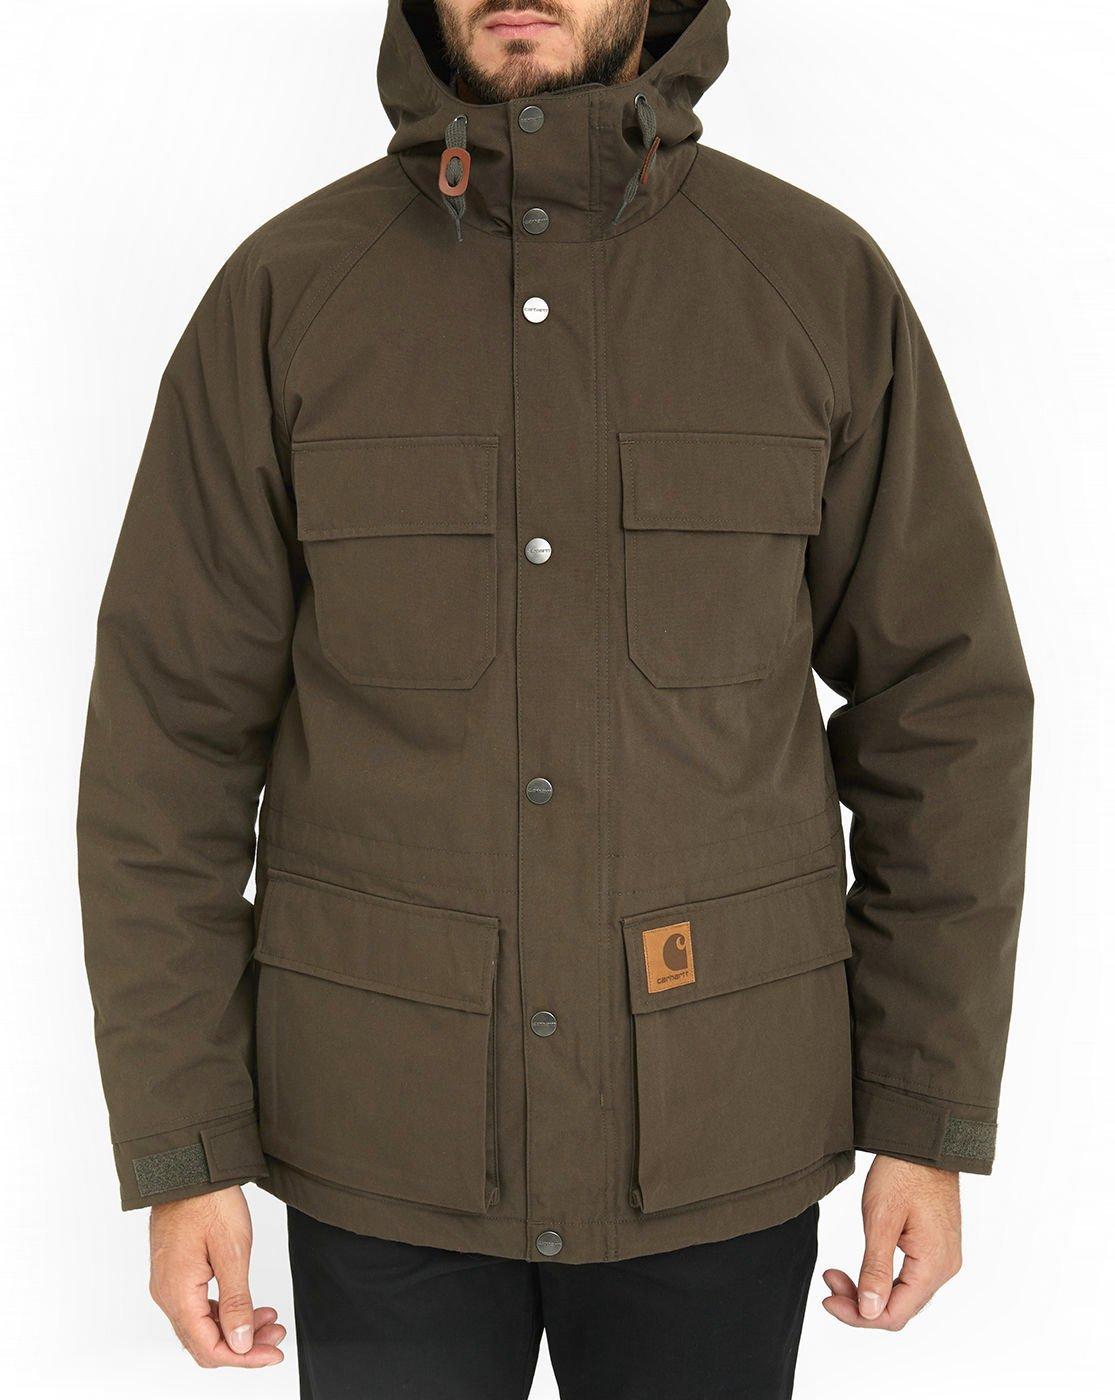 CARHARTT Herren Jacken Mosley Jacket bestellen